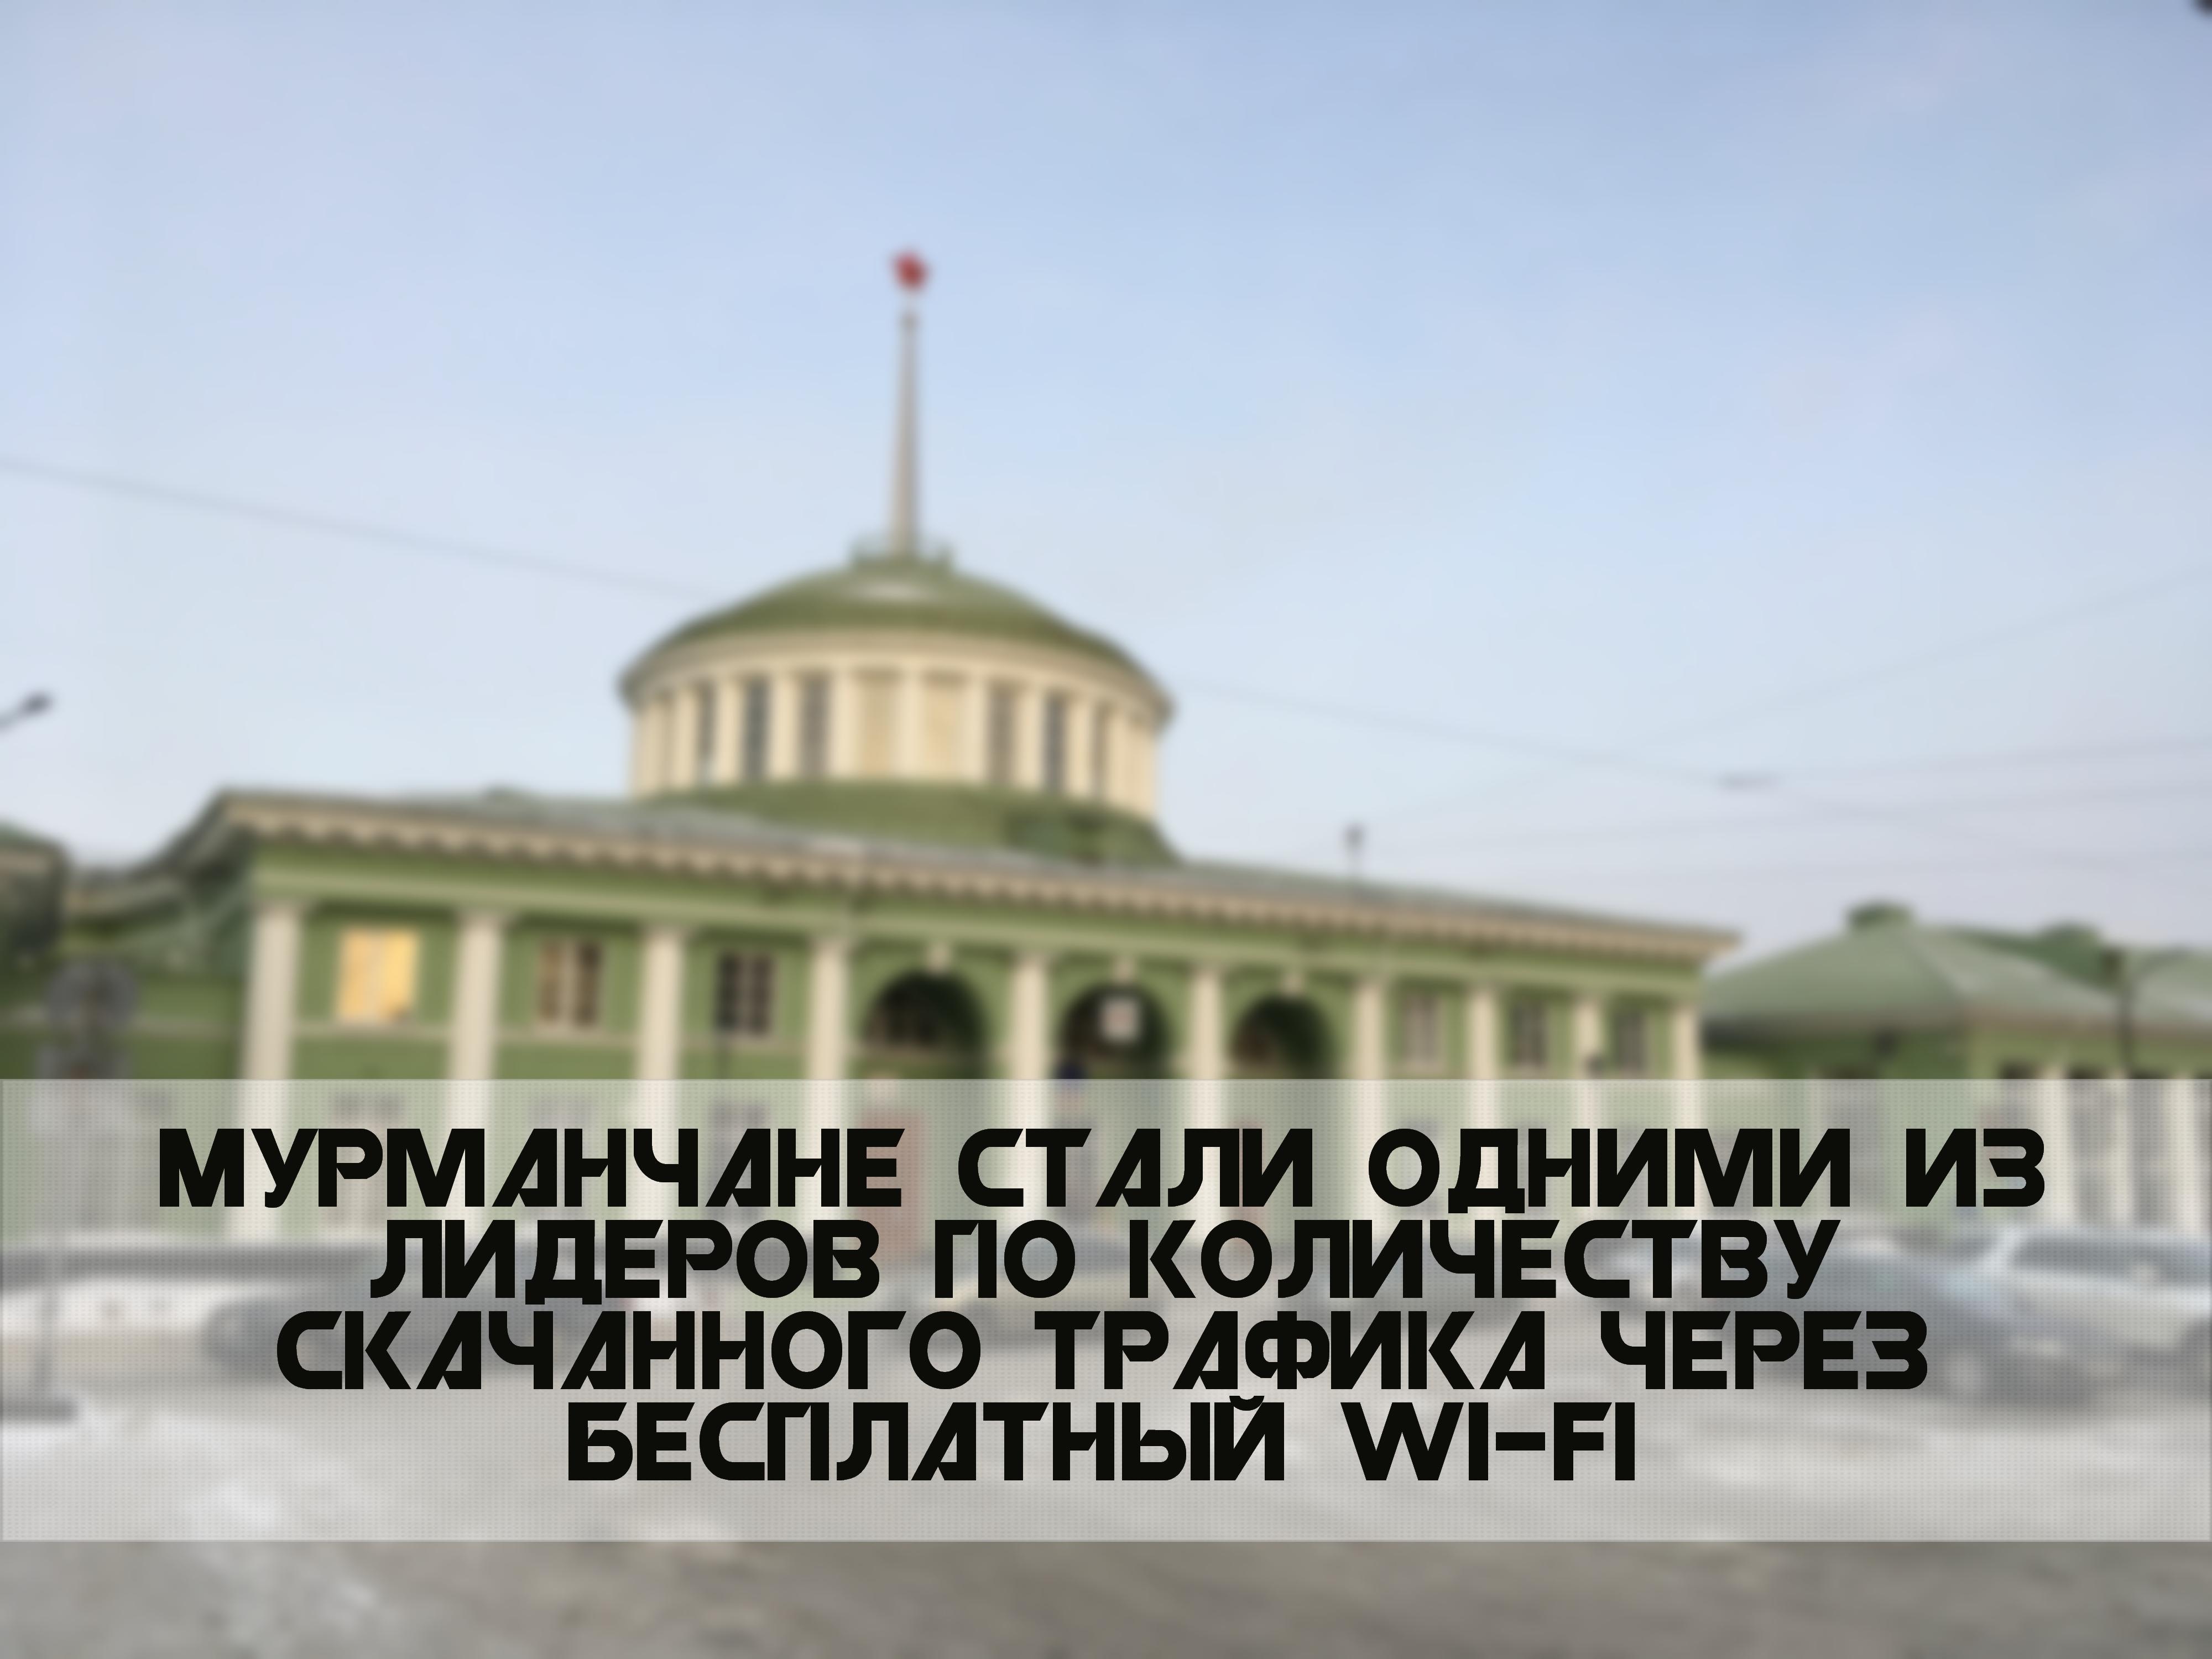 Мурманчане стали одними из лидеров по количеству скачанного трафика через бесплатный Wi-Fi 1